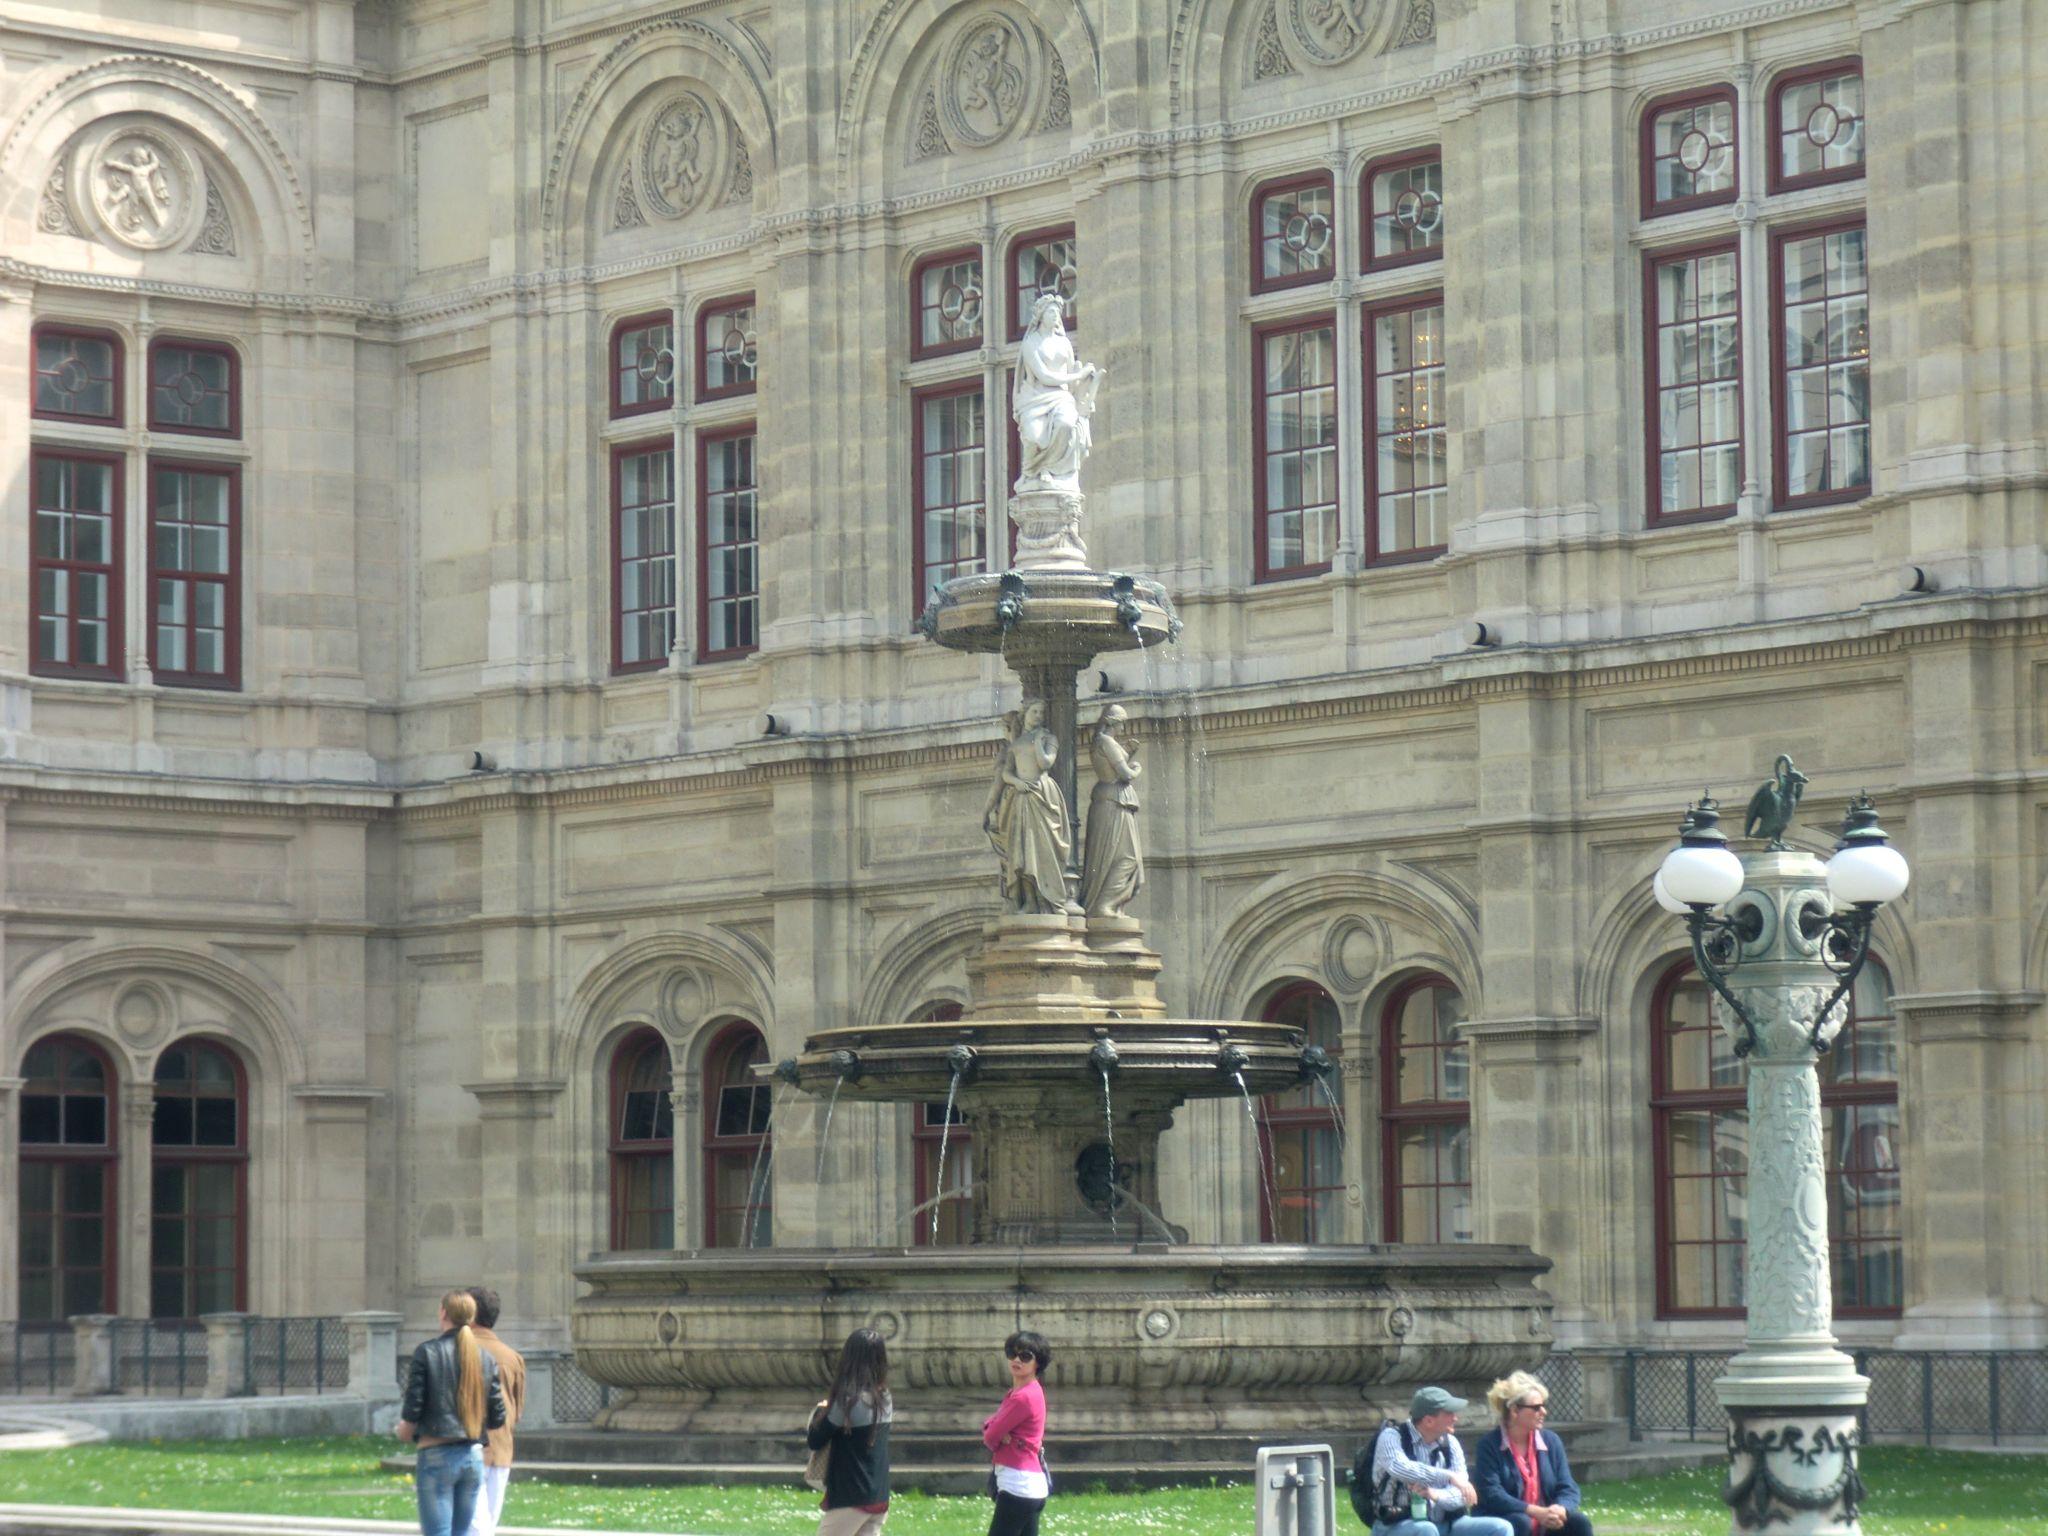 Vienna Opera 2 1440x1080 - Vienna: elegant beauty